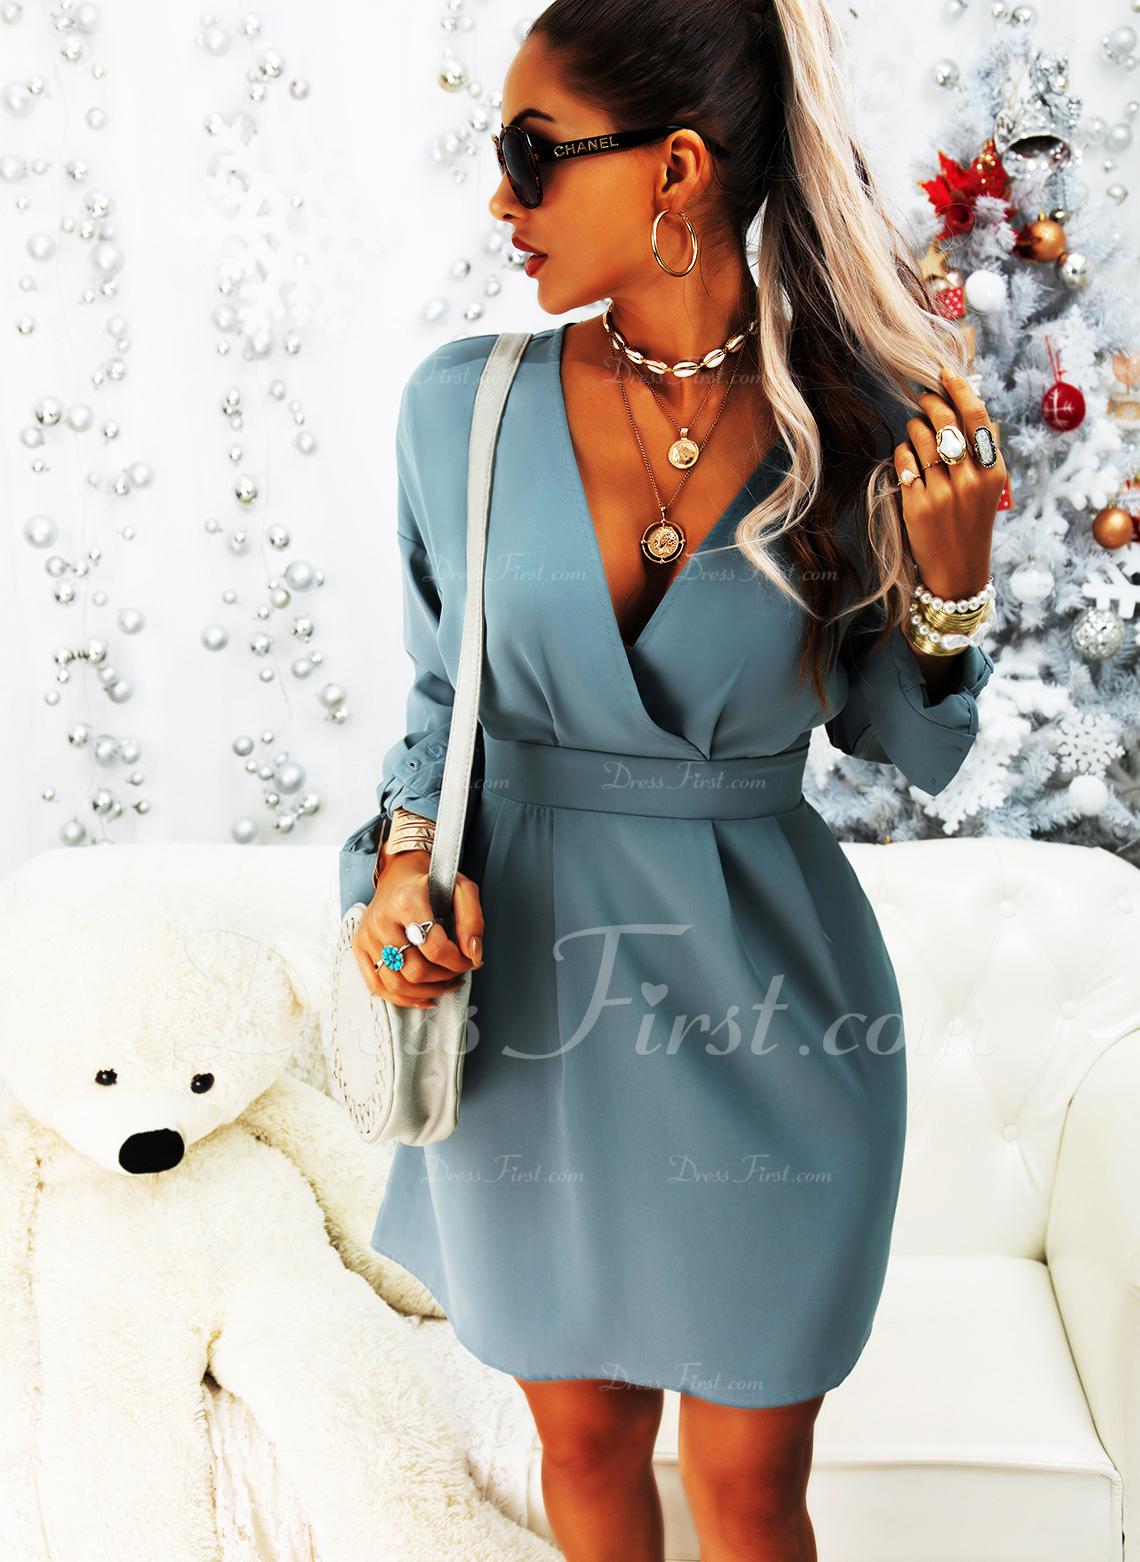 Einfarbig A-Linien-Kleid Lange Ärmel Mini Lässige Kleidung Elegant Skater Modekleider